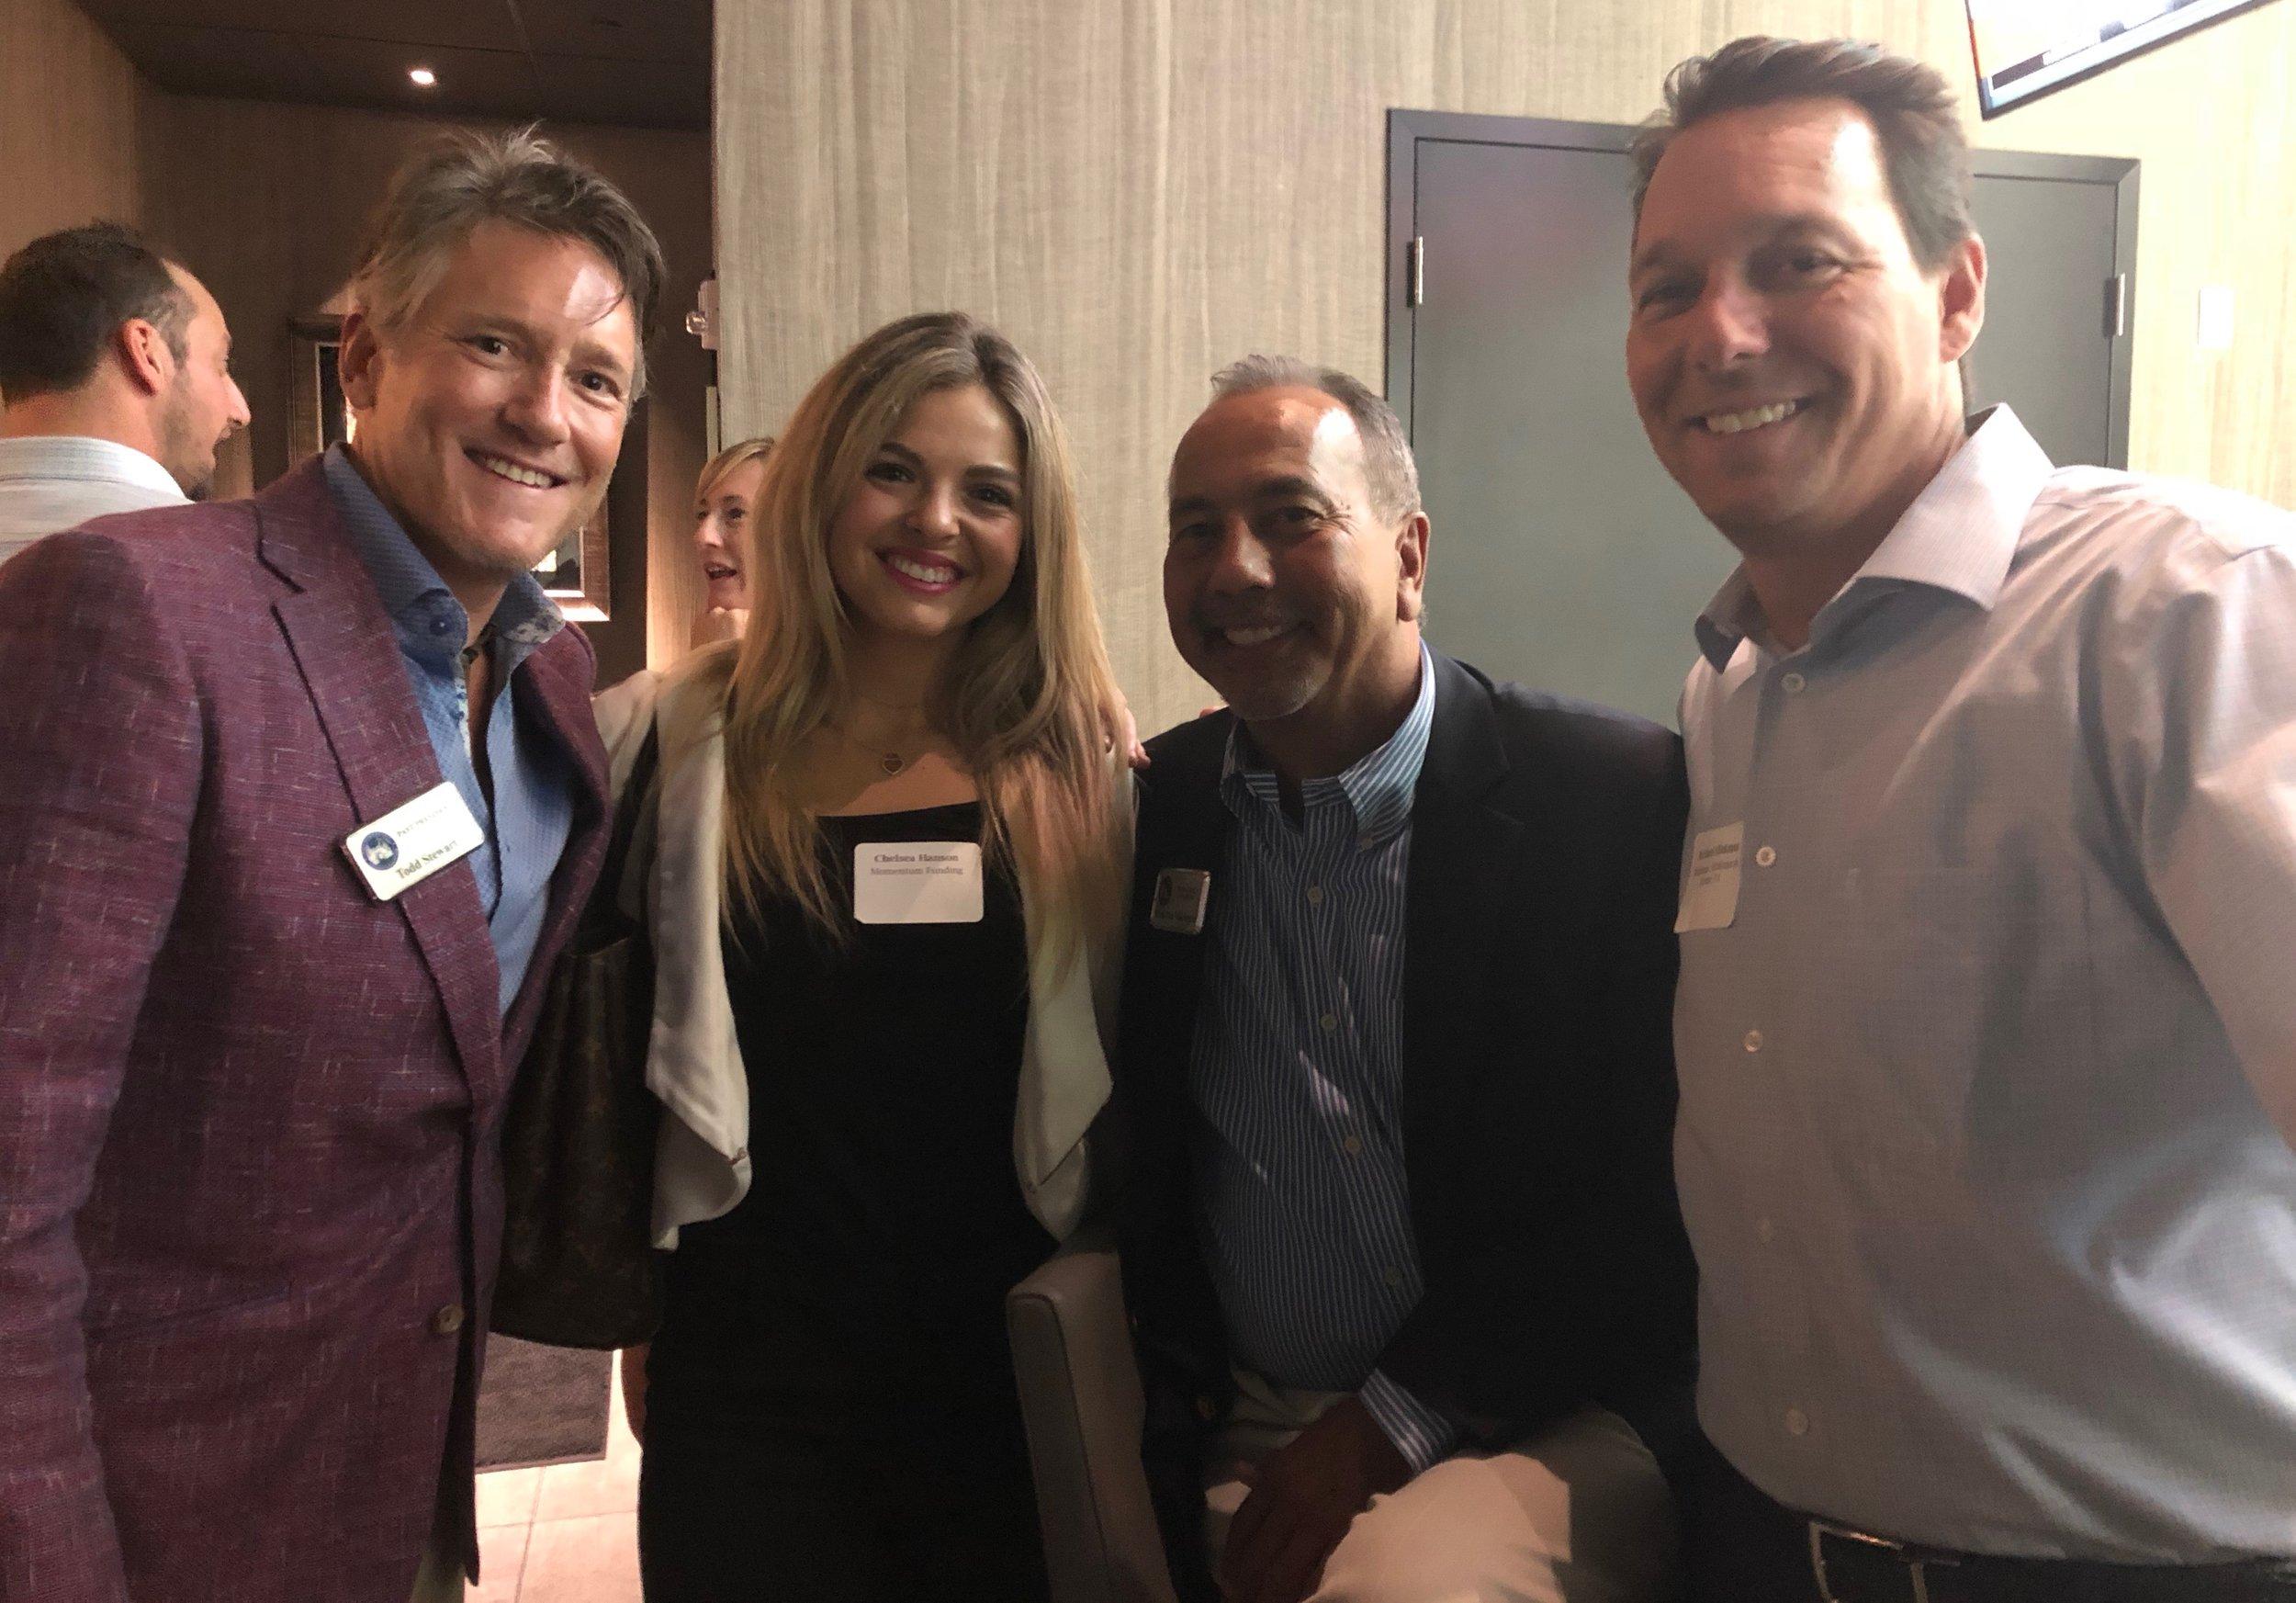 Todd Stewart, Chelsea Hanson, Hank